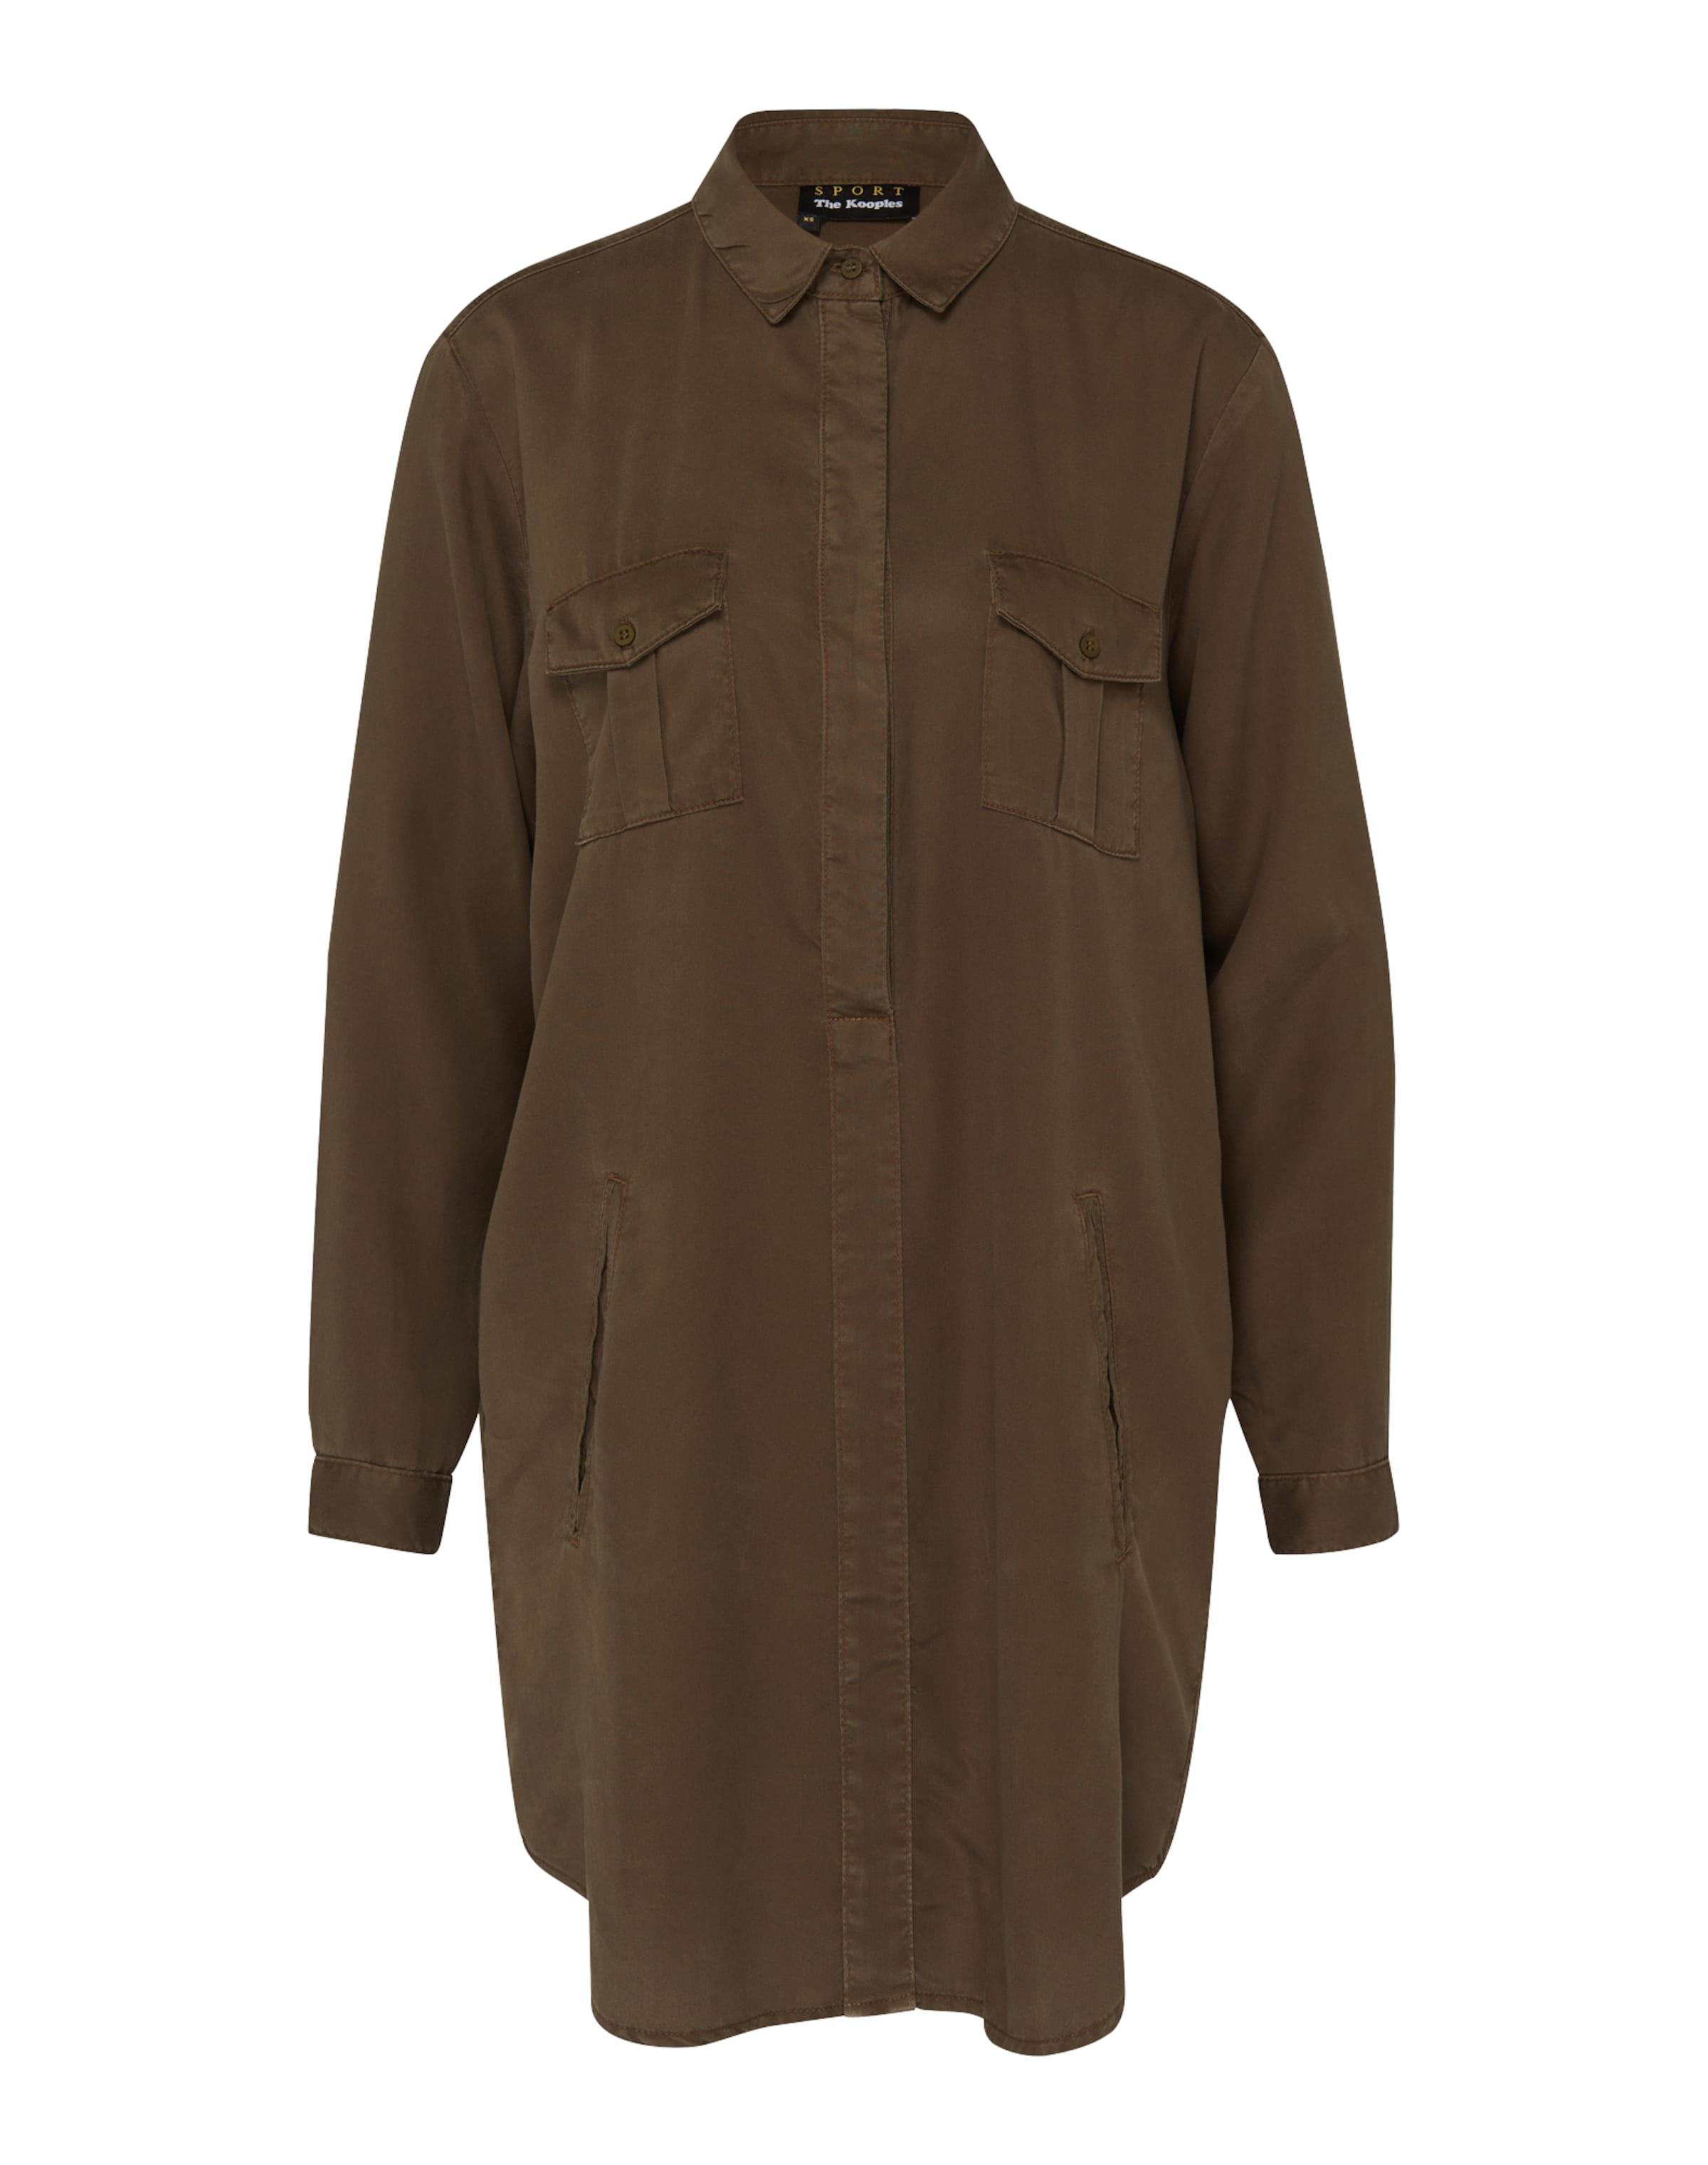 THE KOOPLES SPORT Hemd-Kleid mit Brusttaschen 2018 Kühl Großer Rabatt Zum Verkauf kSWxika